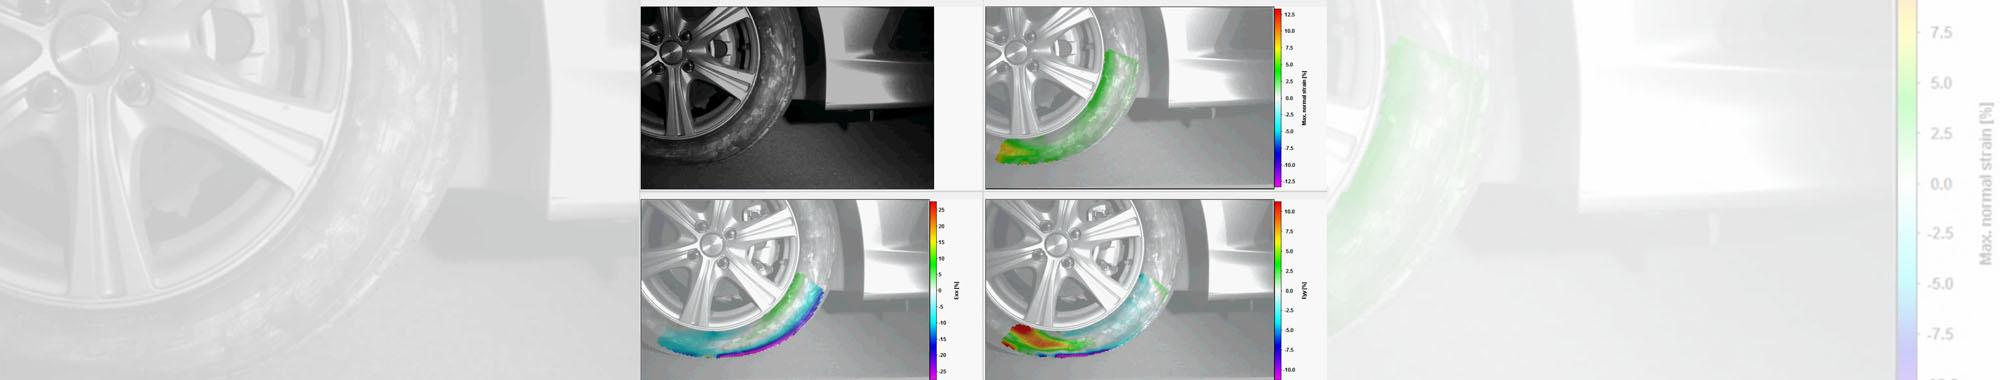 走行中のゴムタイヤの変形解析(DIC解析)